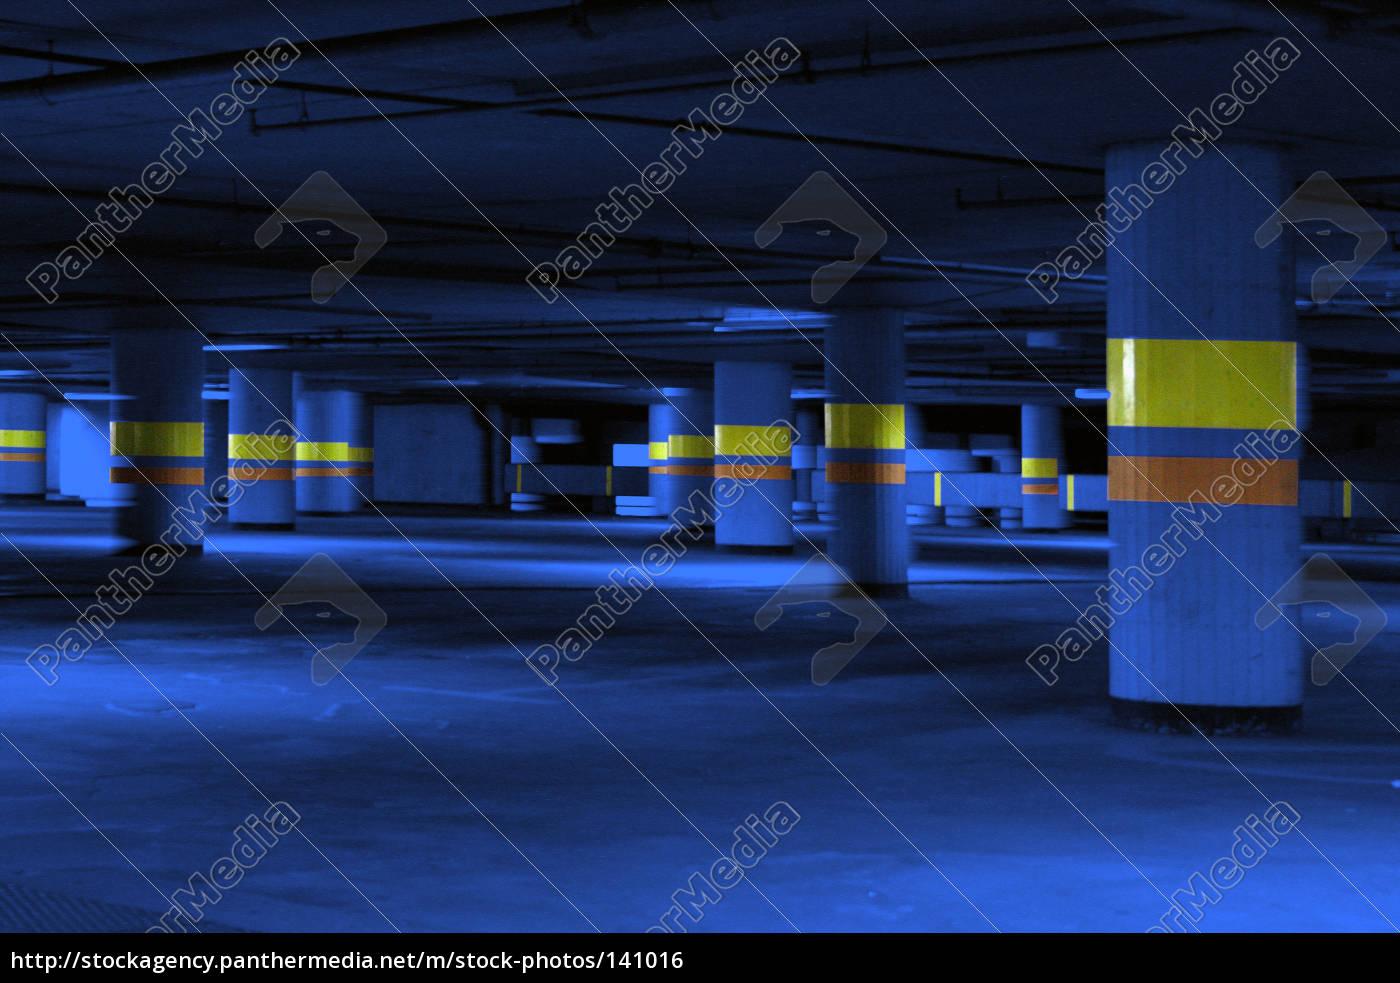 in, the, parking, garage - 141016